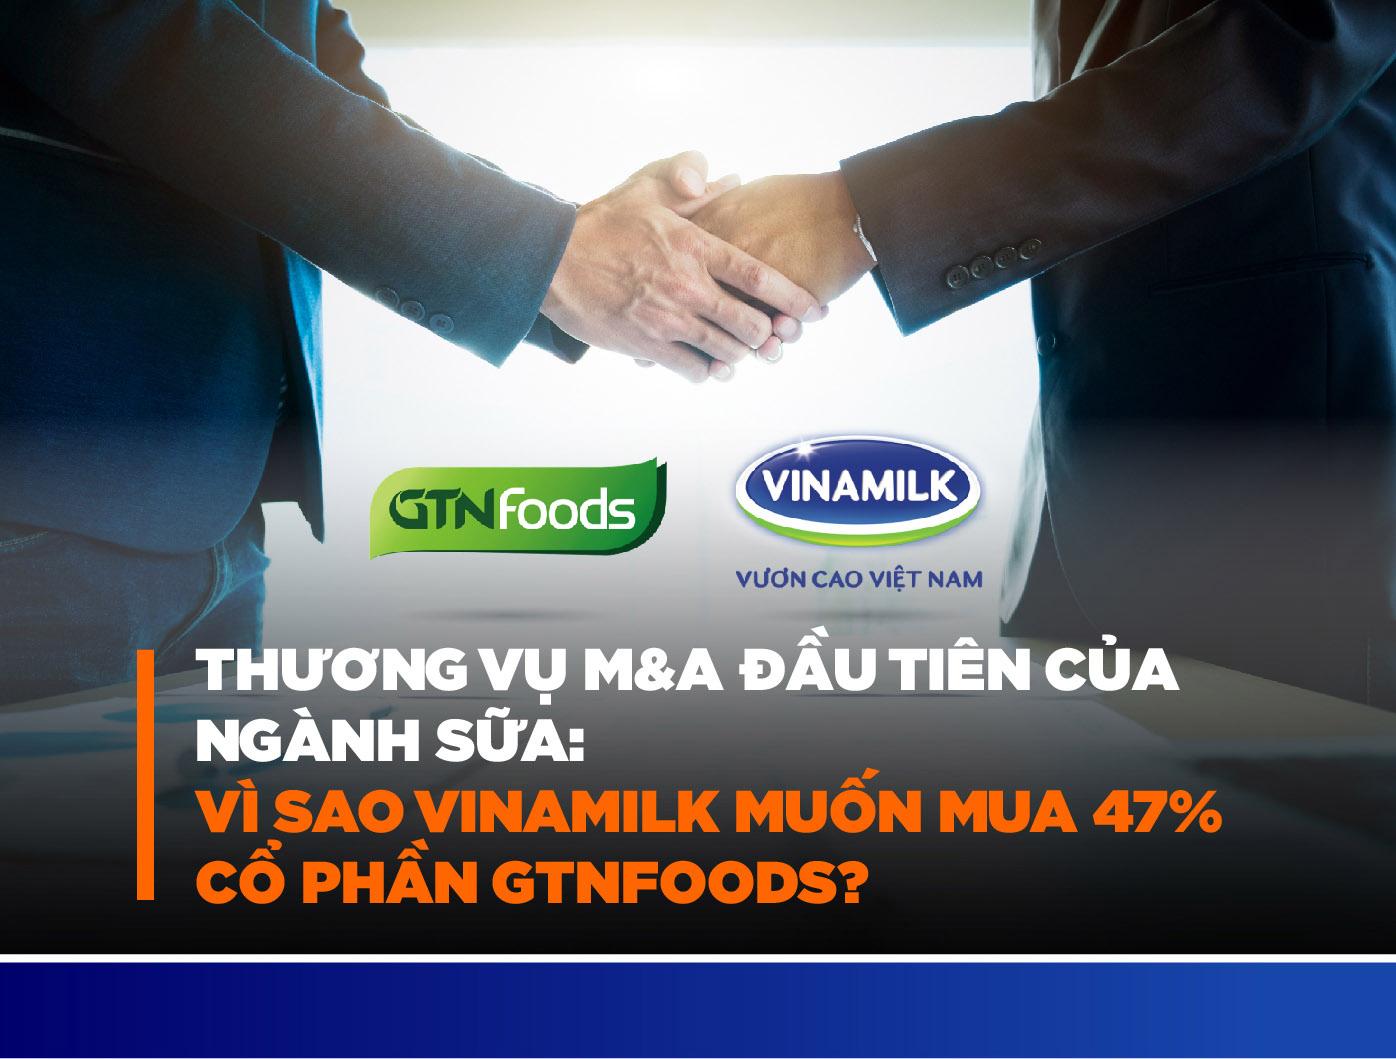 THƯƠNG VỤ M&A ĐẦU TIÊN CỦA NGÀNH SỮA : VÌ SAO VINAMILK MUỐN MUA 47% CỔ PHẦN GTNFOODS?